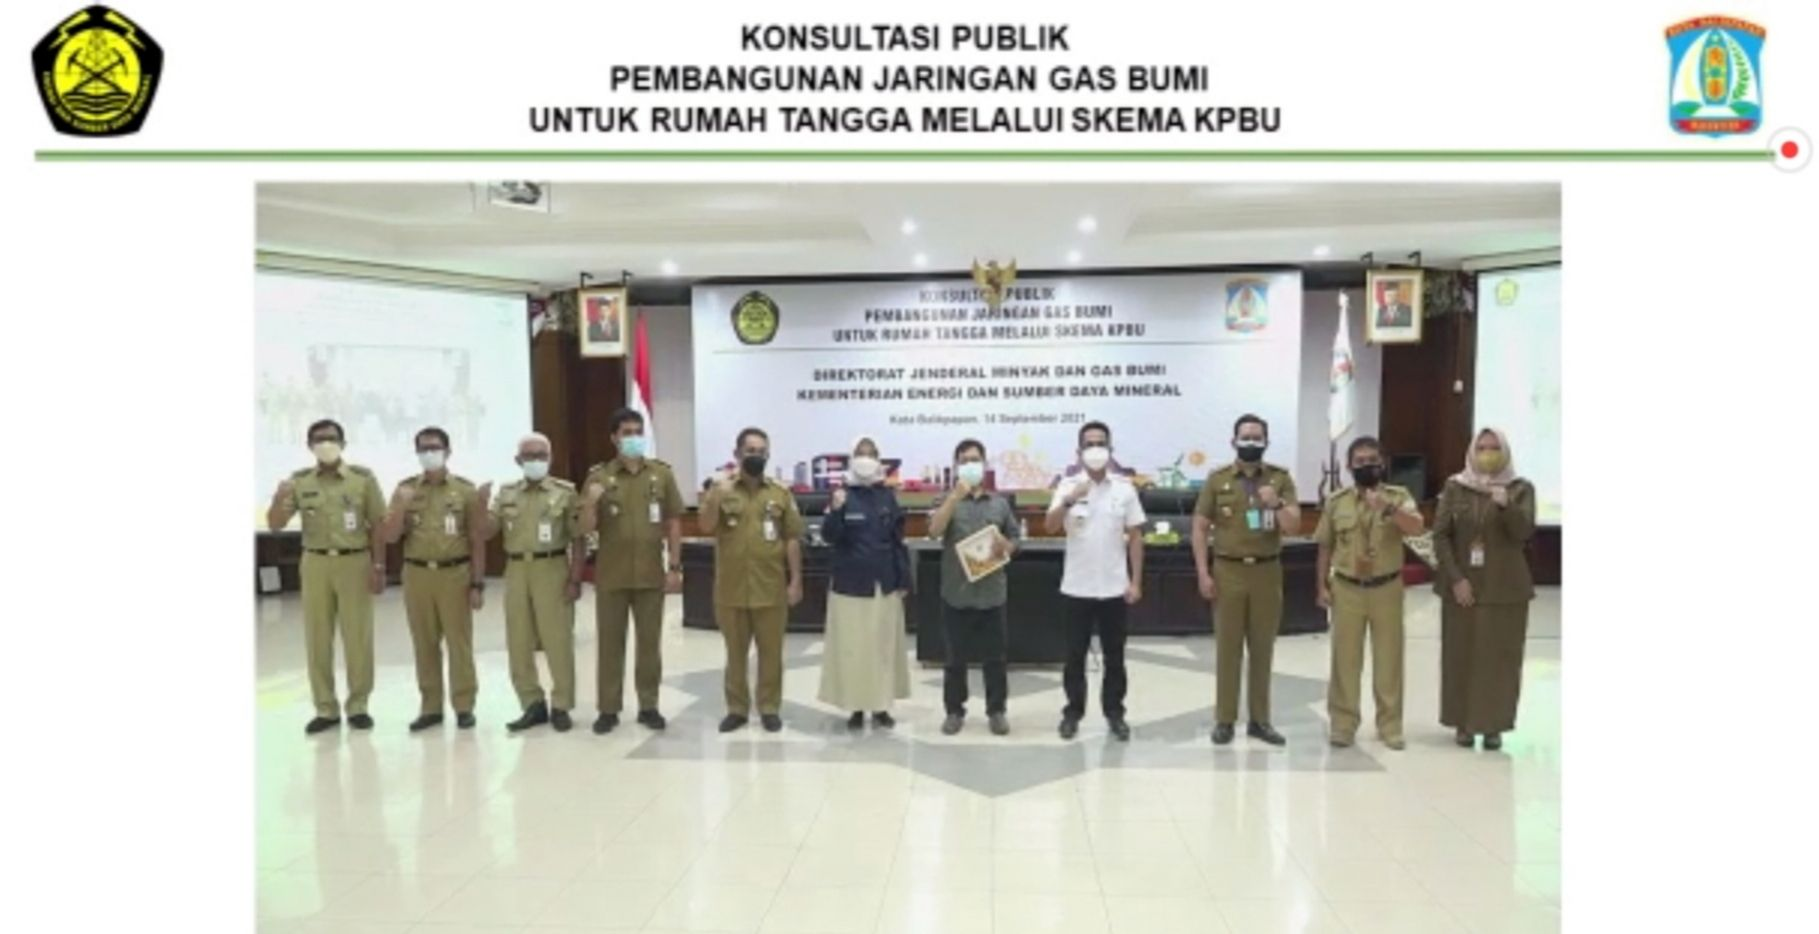 Pemkot Balikpapan, Kalimantan Timur